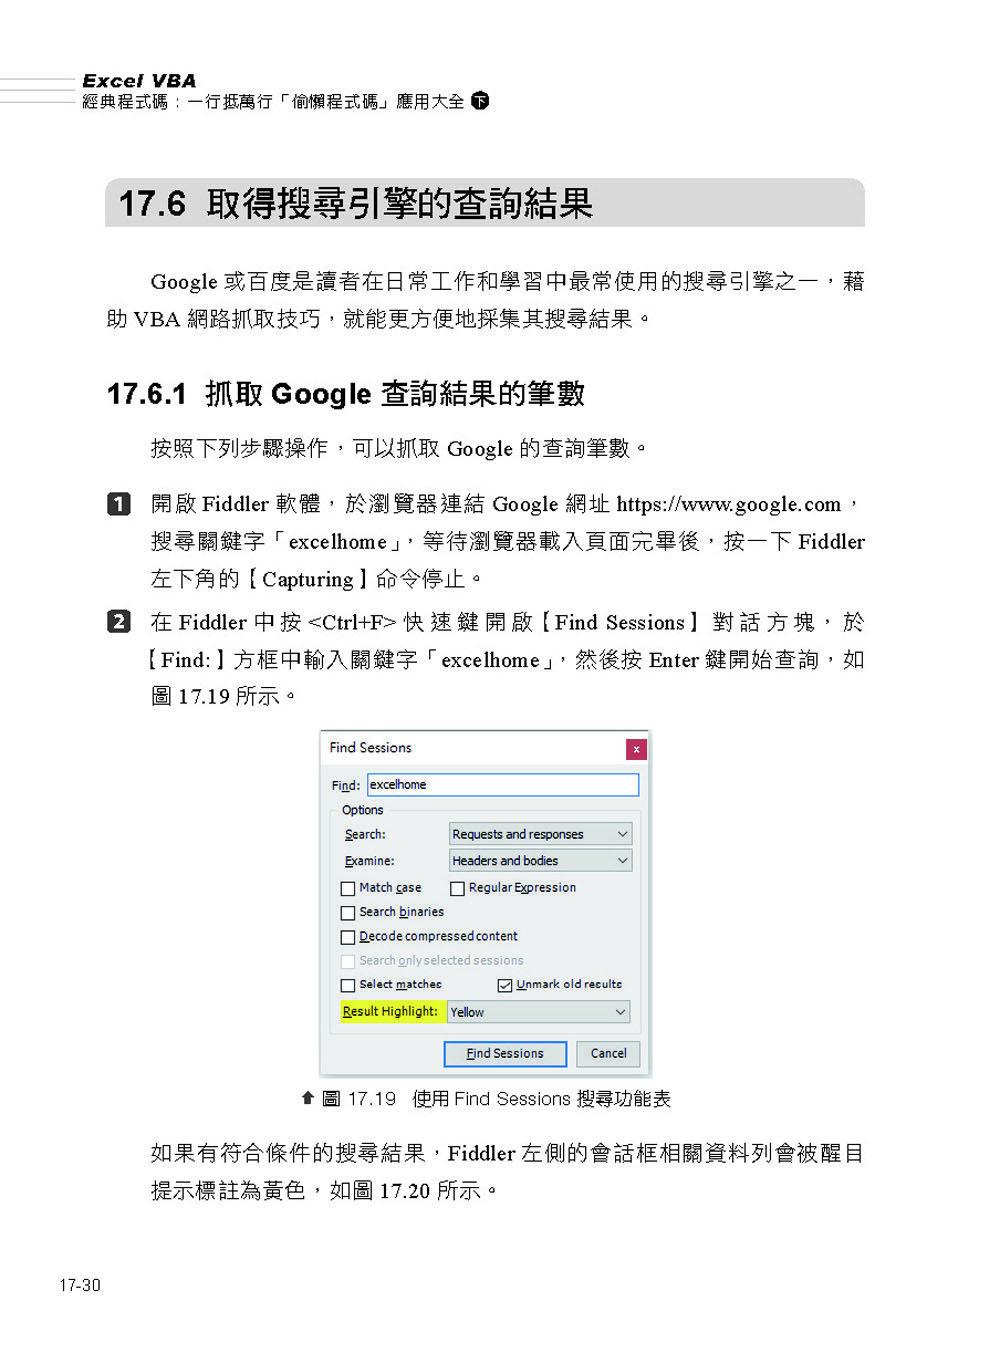 Excel VBA 經典程式碼:一行抵萬行「偷懶程式碼」應用大全 (下)-preview-9